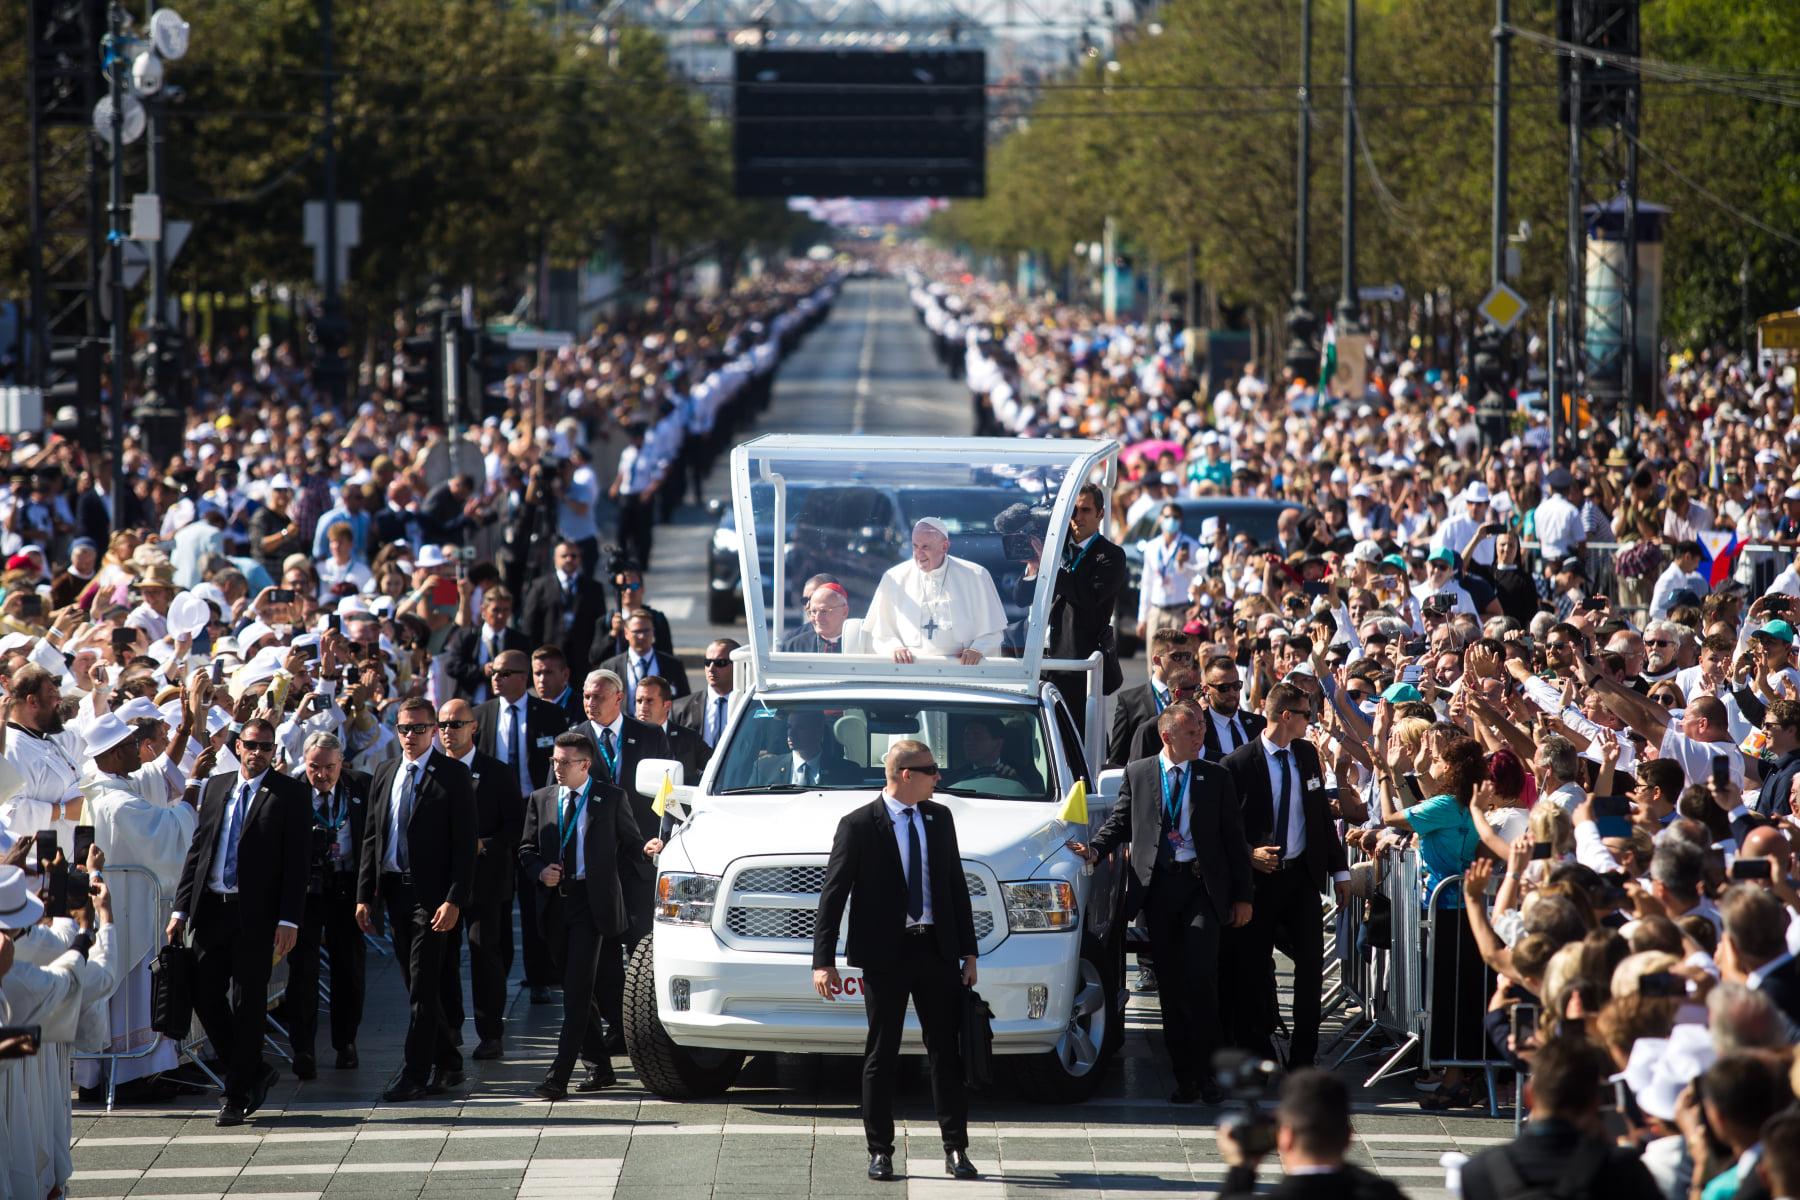 Mit mond a pápáról az utca embere? – Református keresztyénként az Eucharisztikus Kongresszus zárómiséjéről